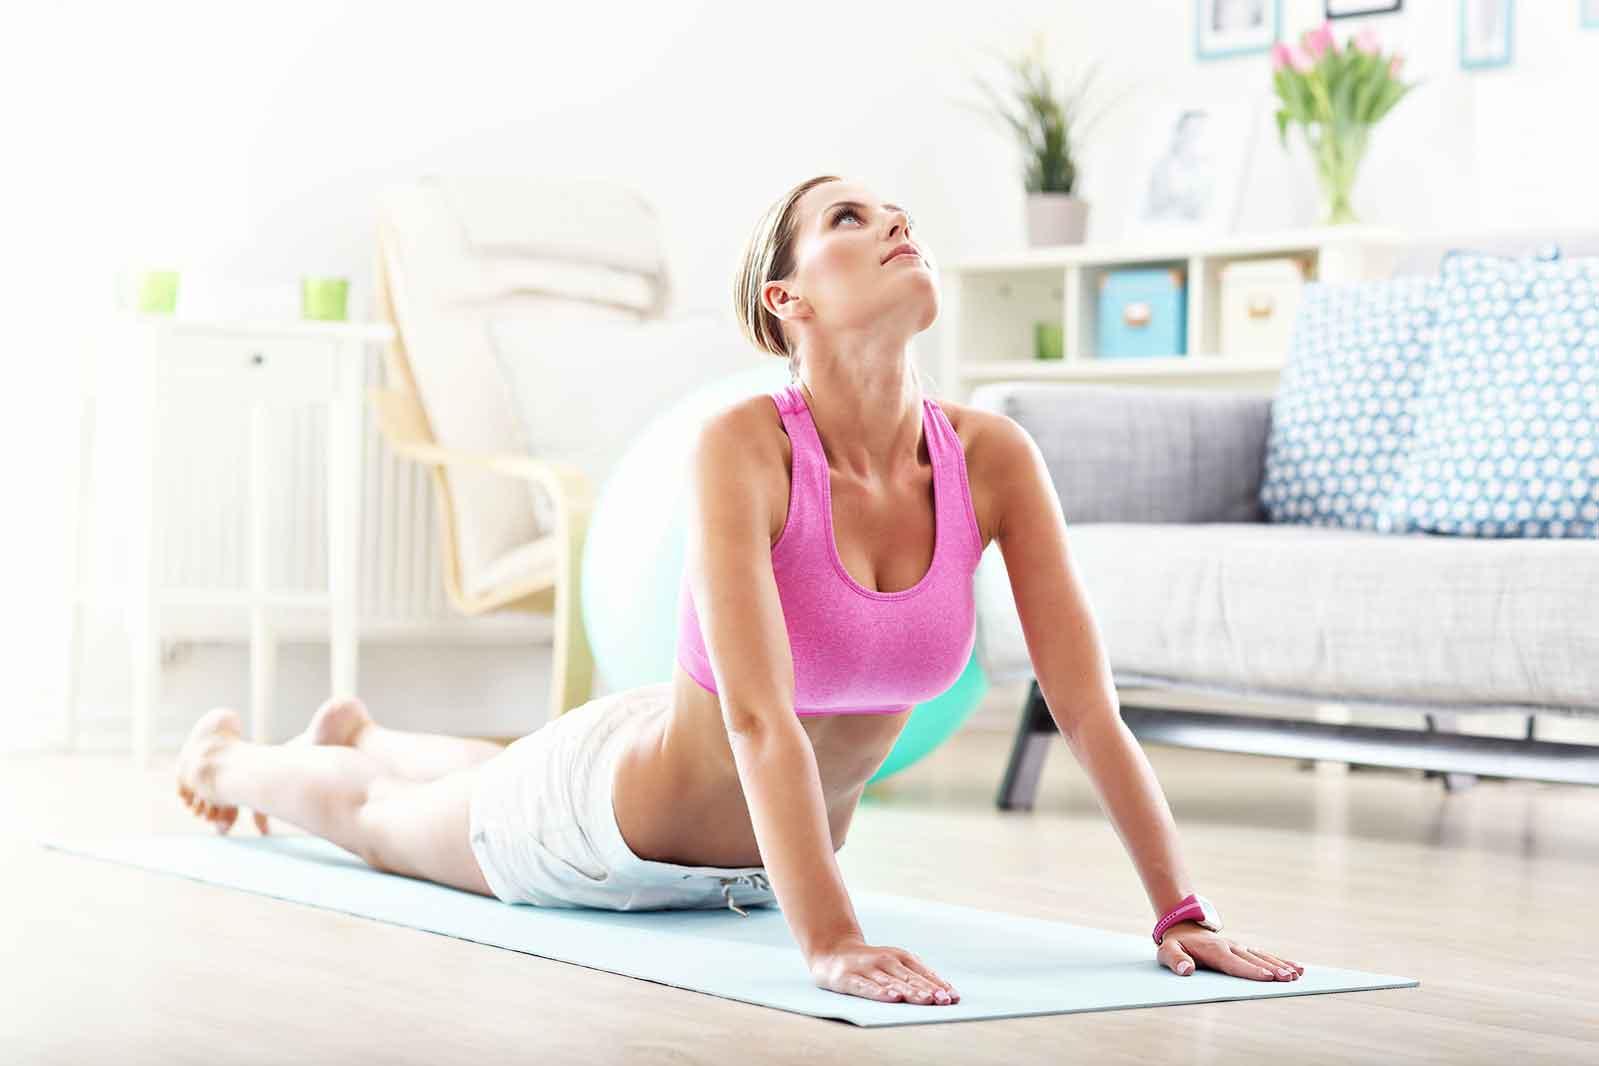 Комплекс Гимнастики При Похудении. Лучшие упражнения для похудения: ТОП-7 самых-самых